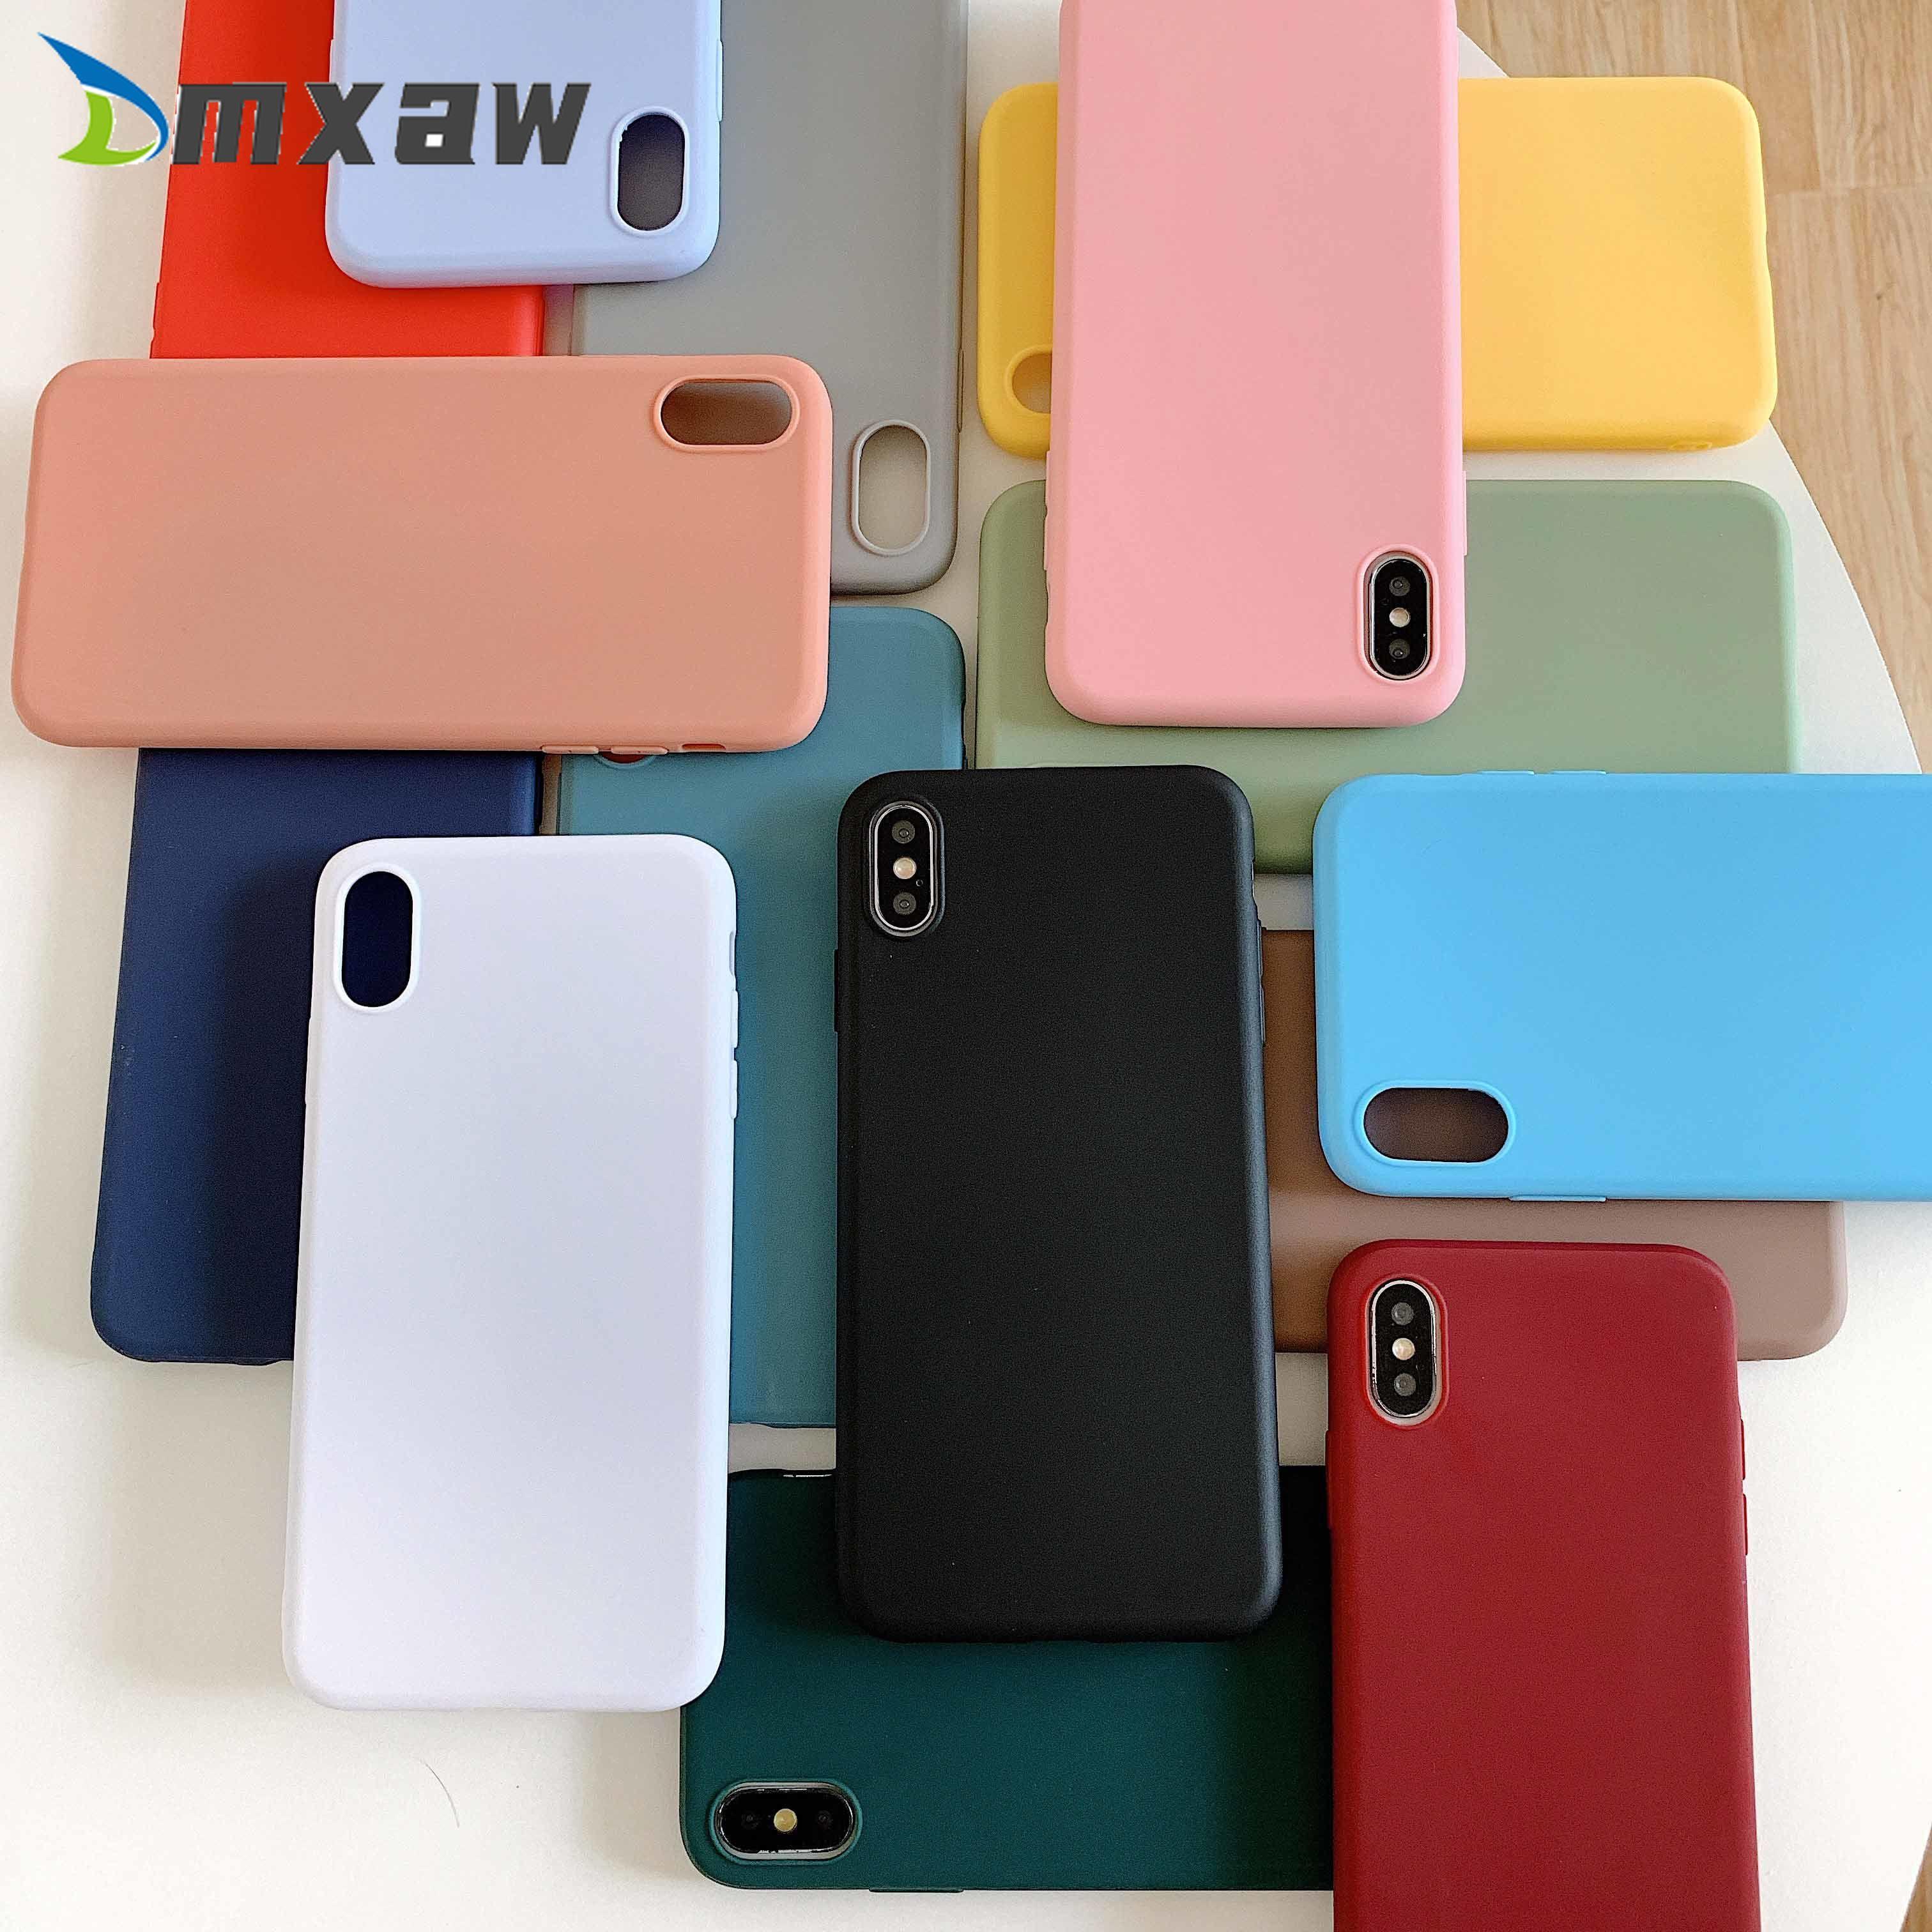 Para vivo s5 y19 z1 v17 pro neo nex 3 a s v15 pro y17 y15 y12 y11 x27 x23 caixa do telefone bonito fosco doces sólidos simples capa de silicone